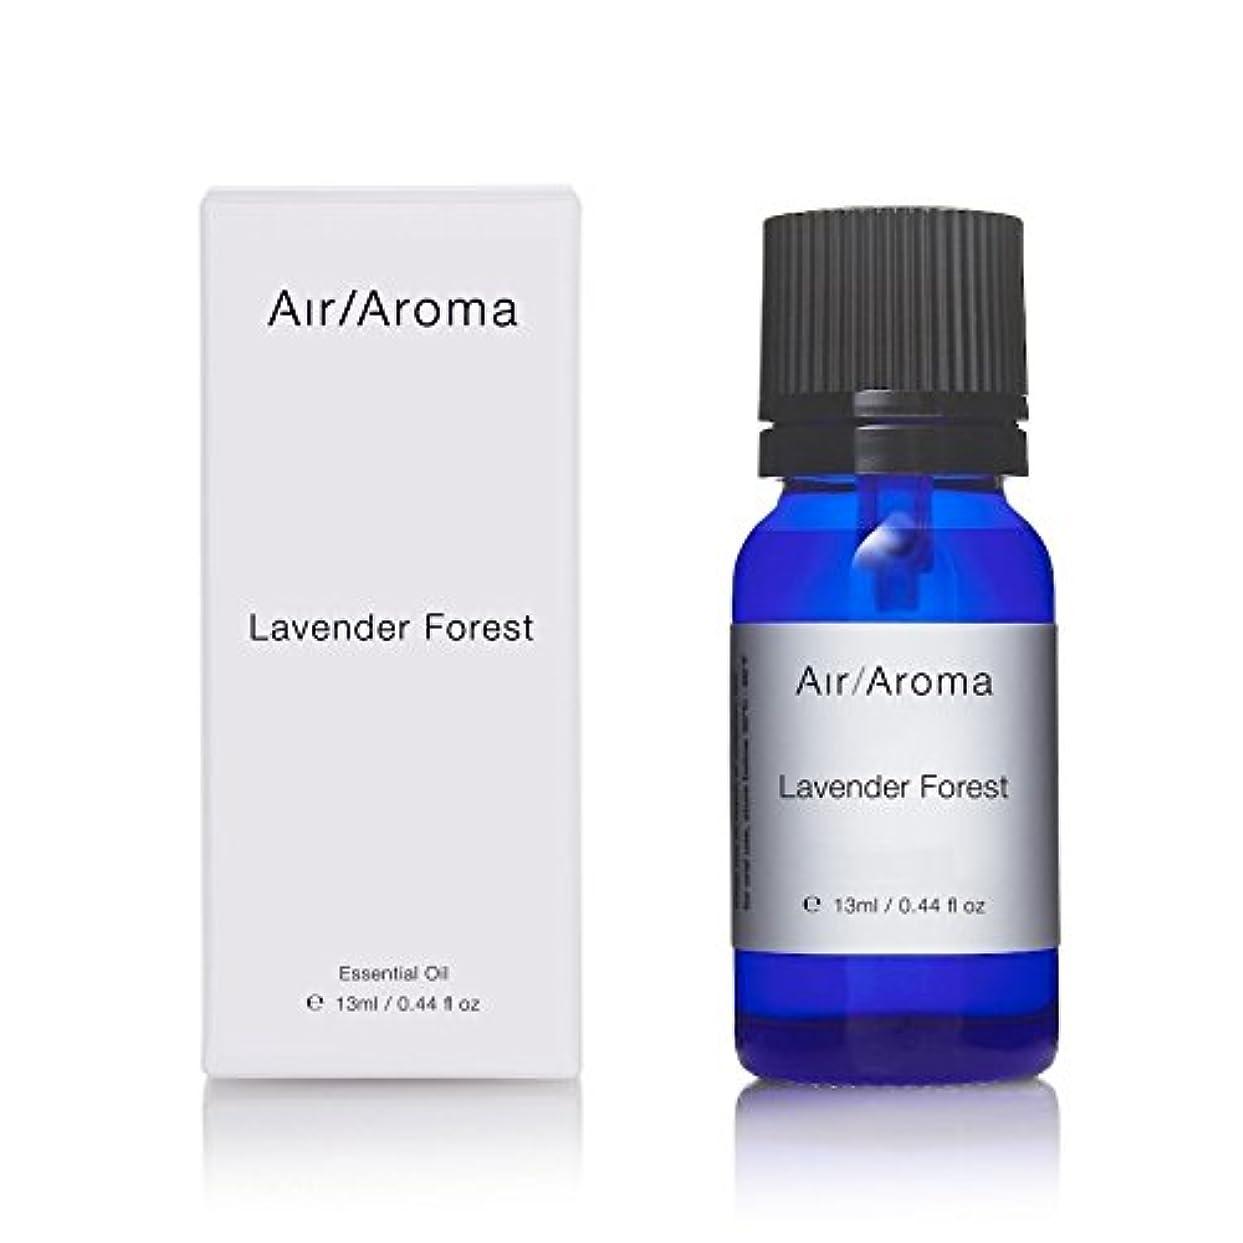 フローティングケニア非互換エアアロマ lavender forest (ラベンダーフォレスト) 13ml